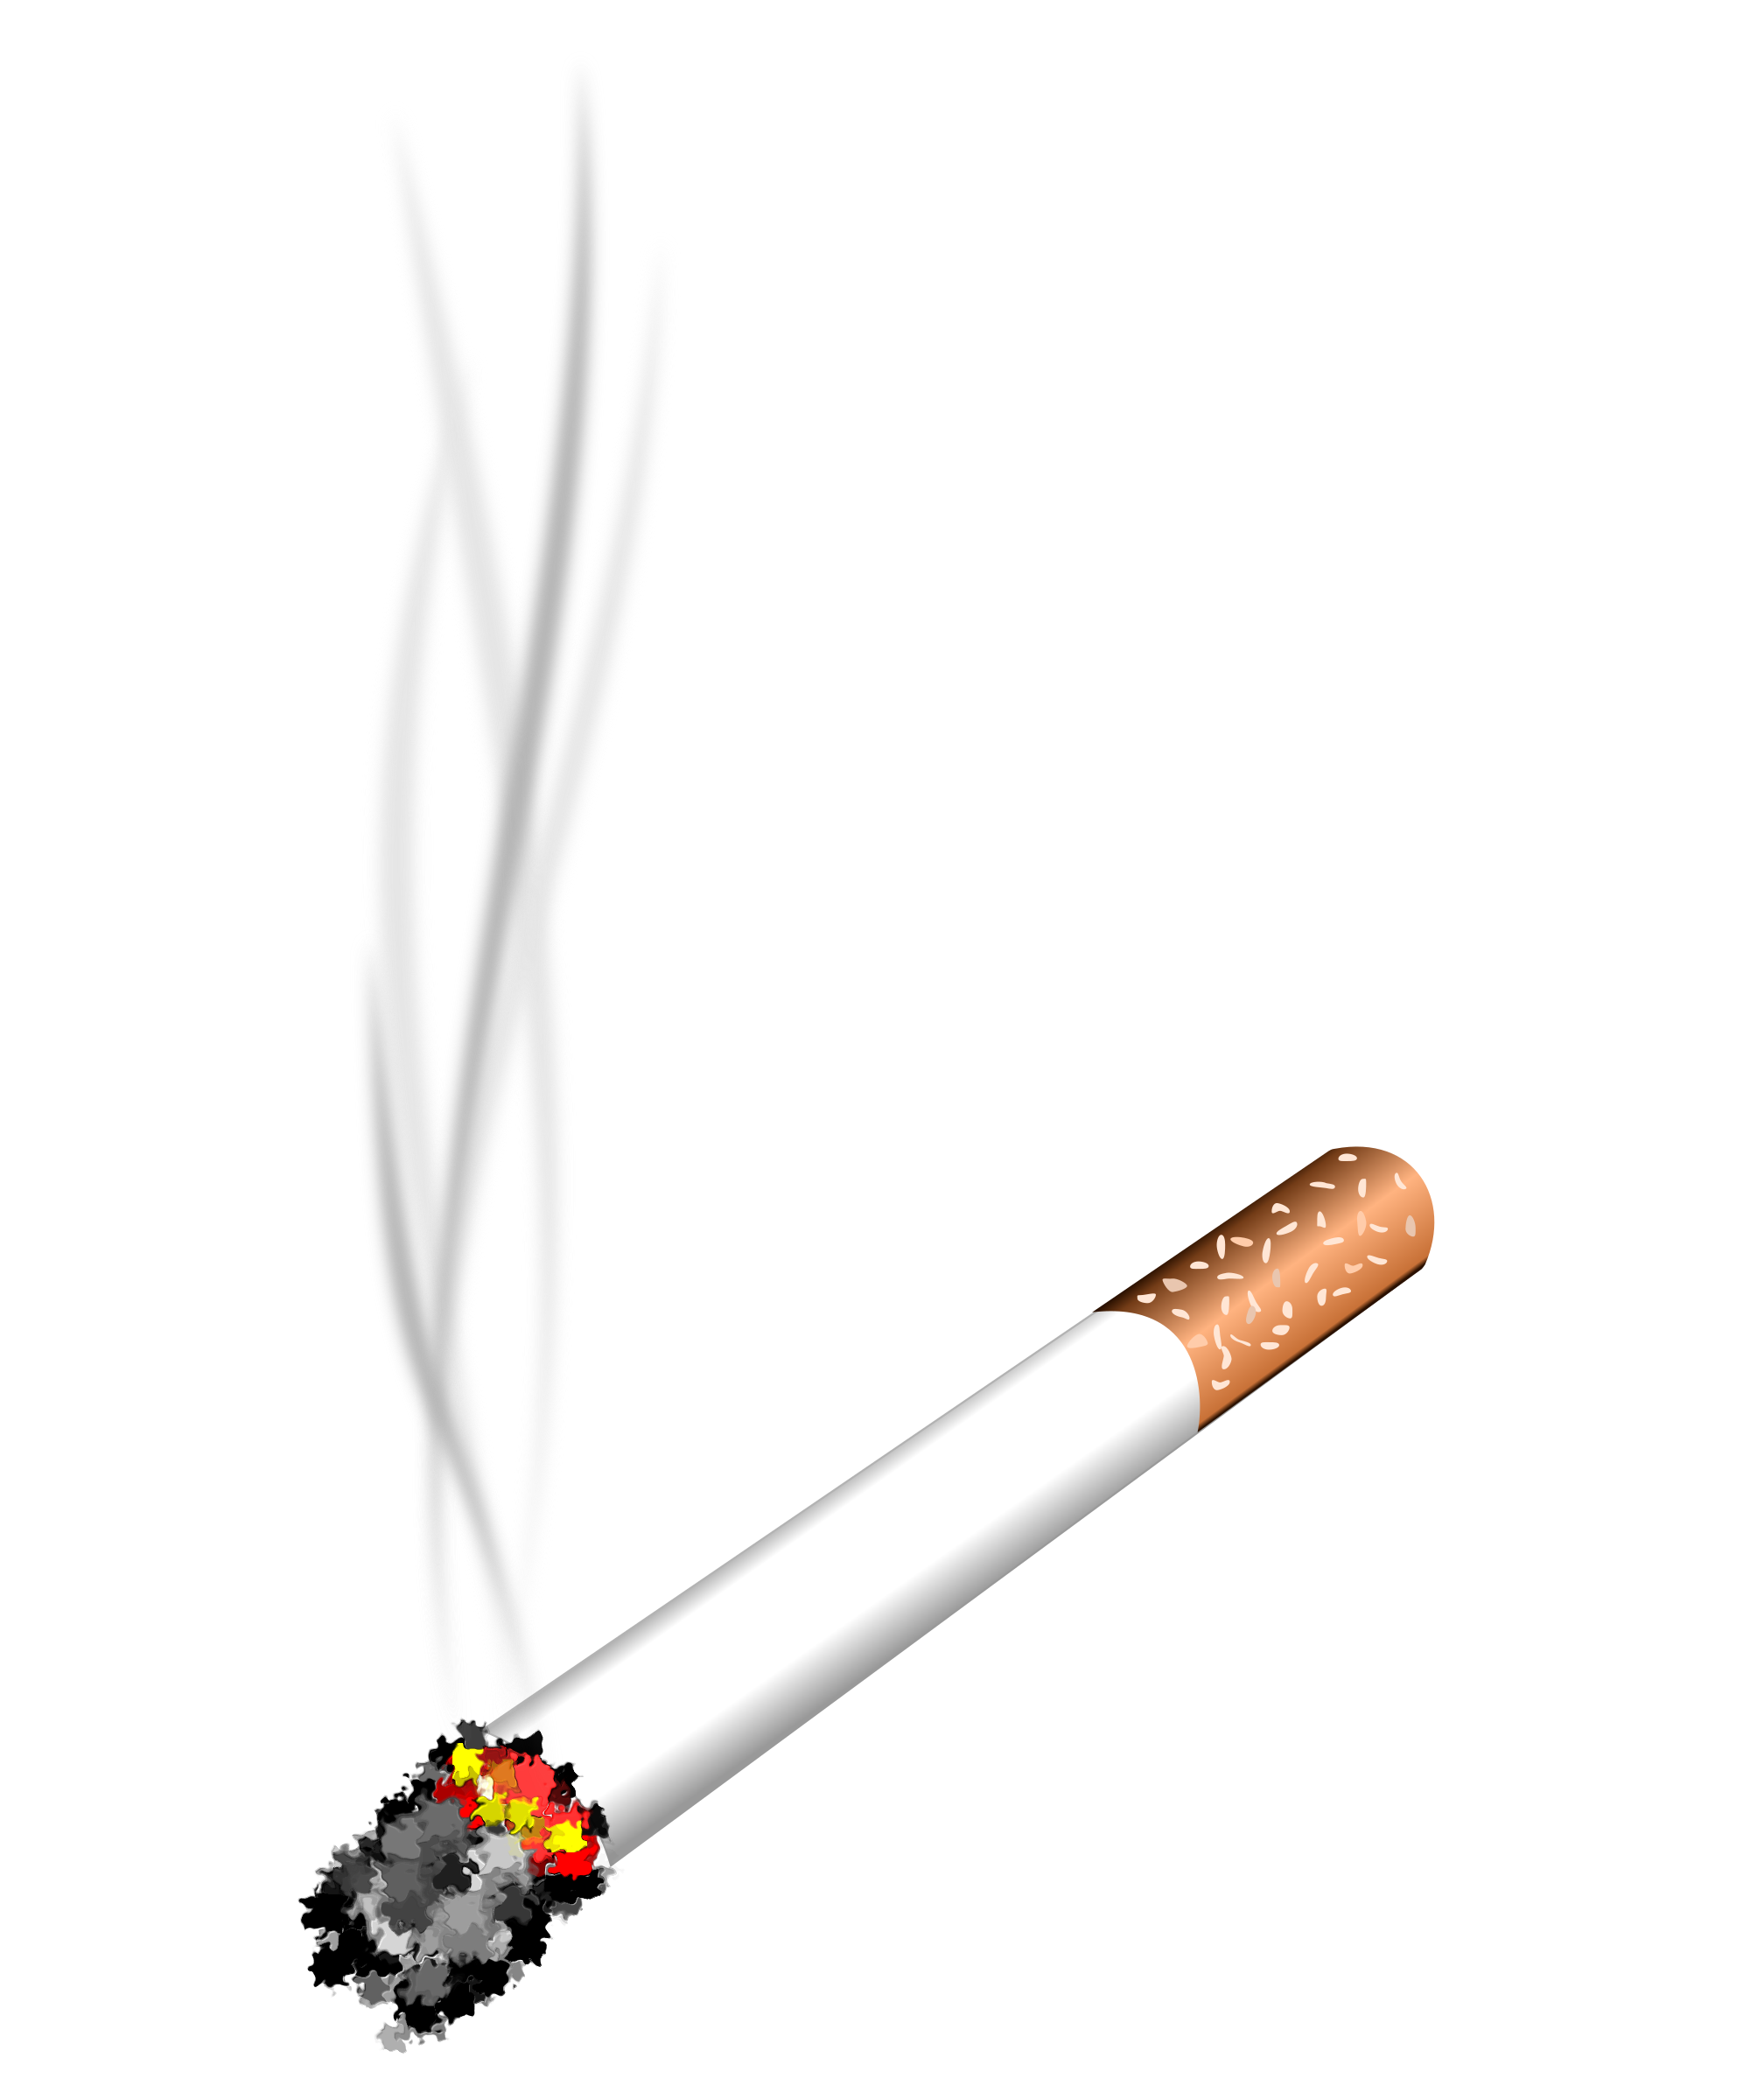 thug life cigarette smoke thug life cool glasses thug life